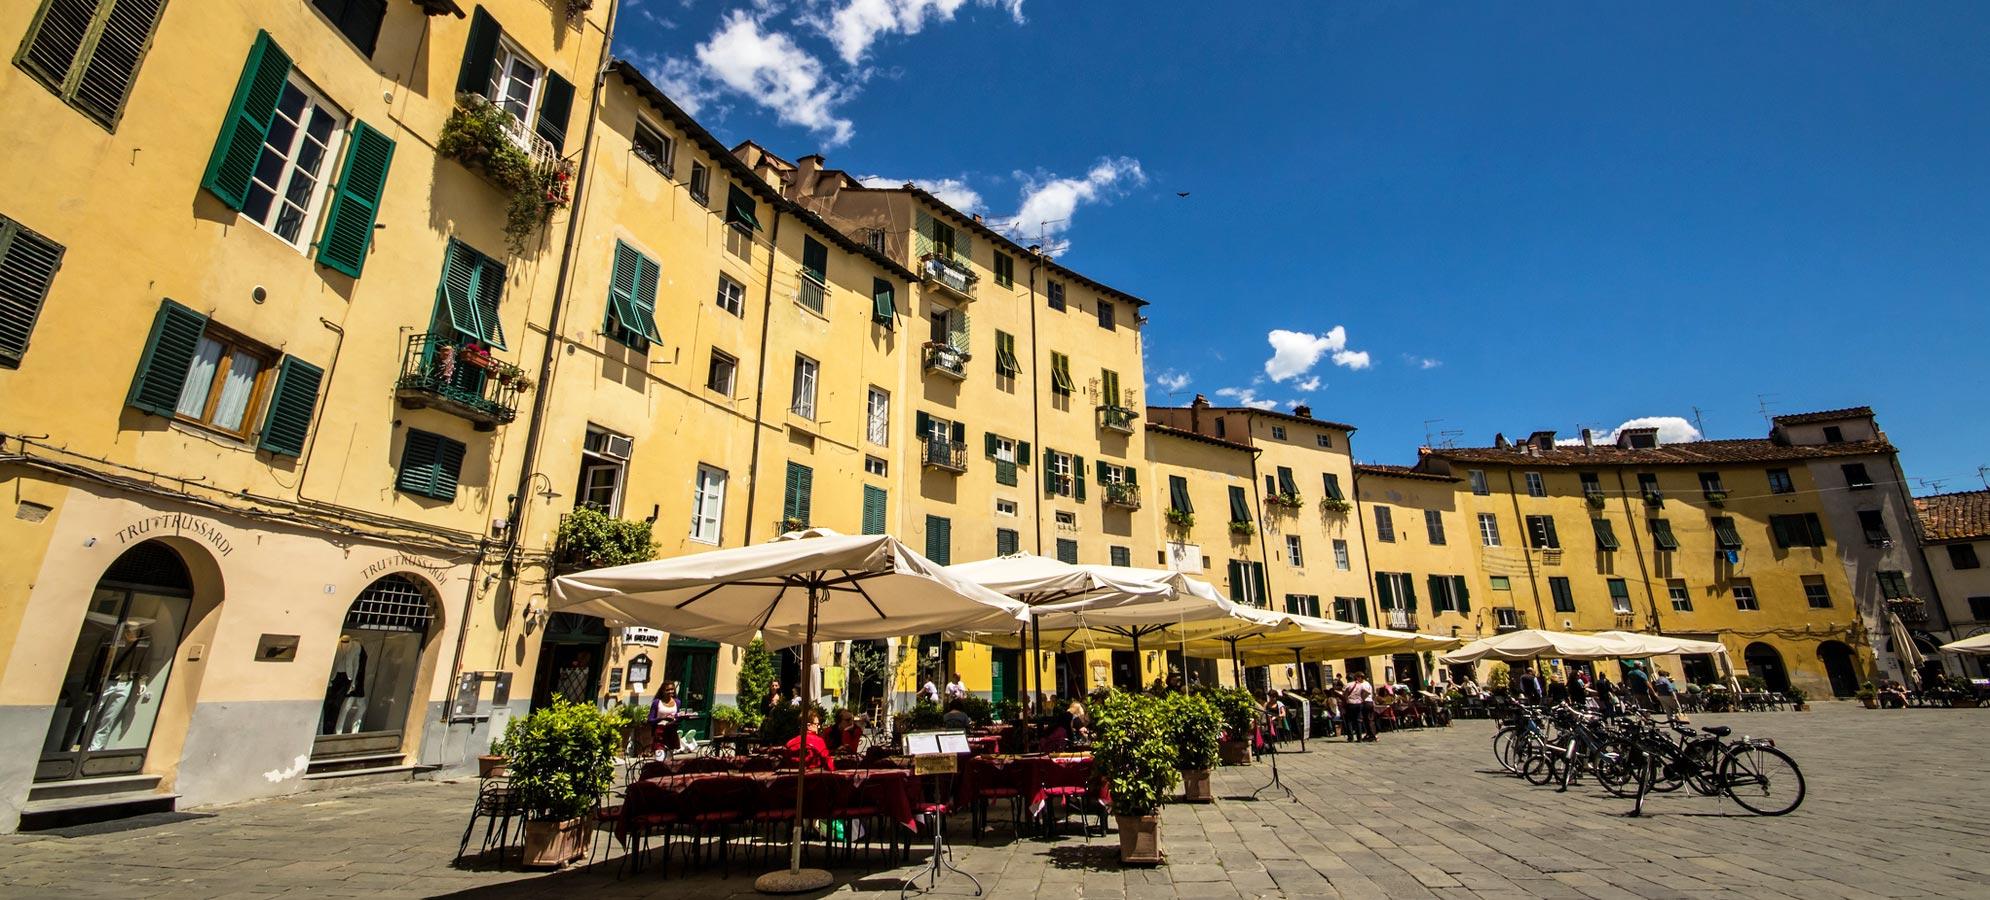 Weekend - Toscana e l